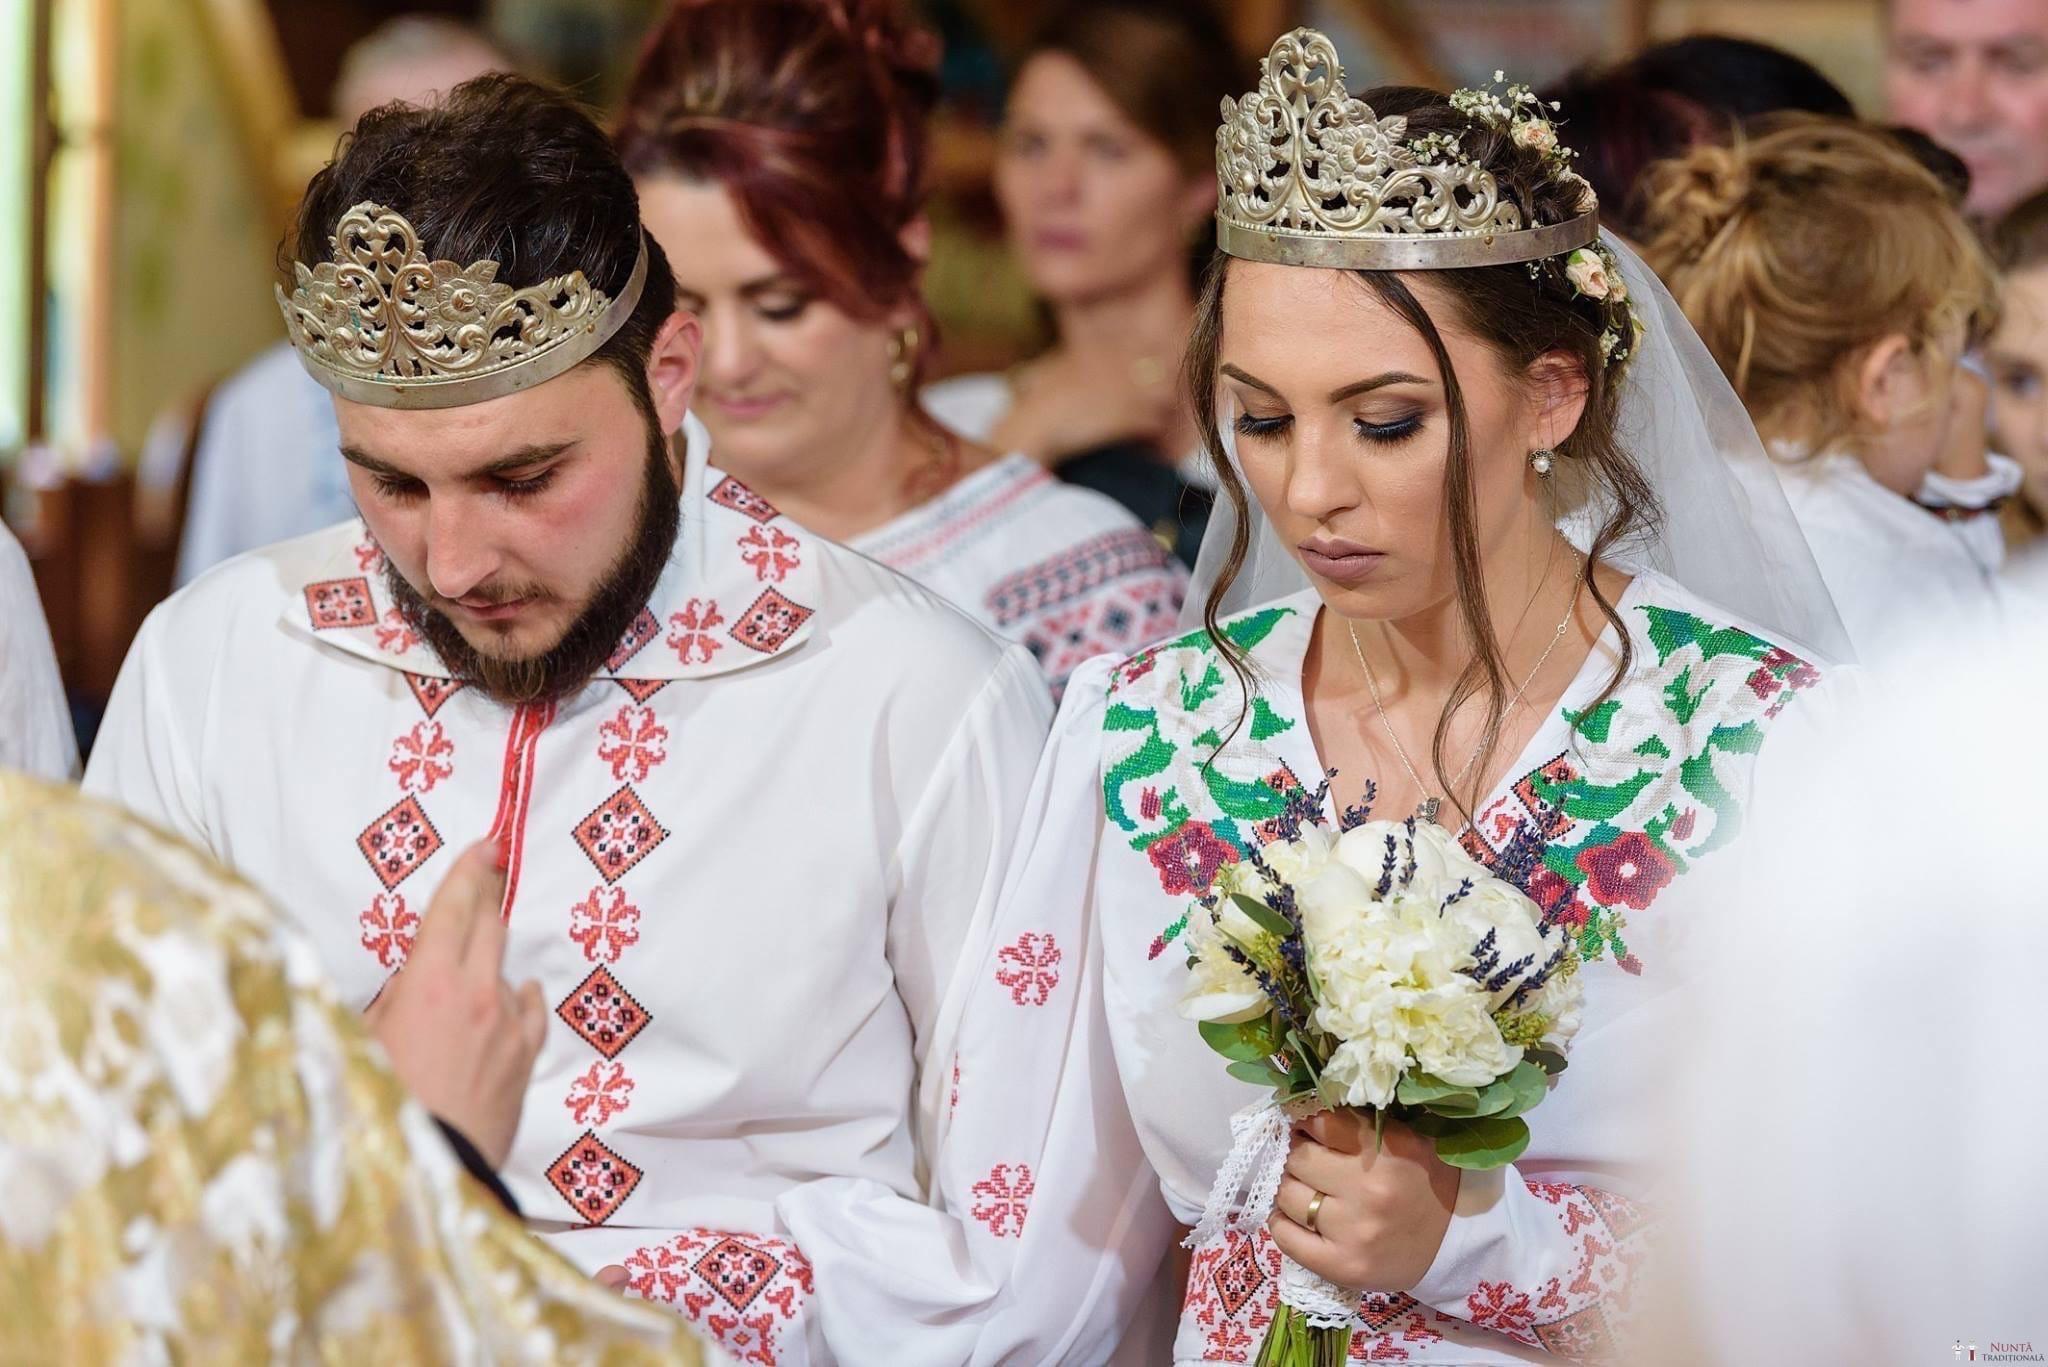 Povești Nunți Tradiționale - Daniela și Cristian, nuntă tradițională în Slobozia, Giurgiu 31